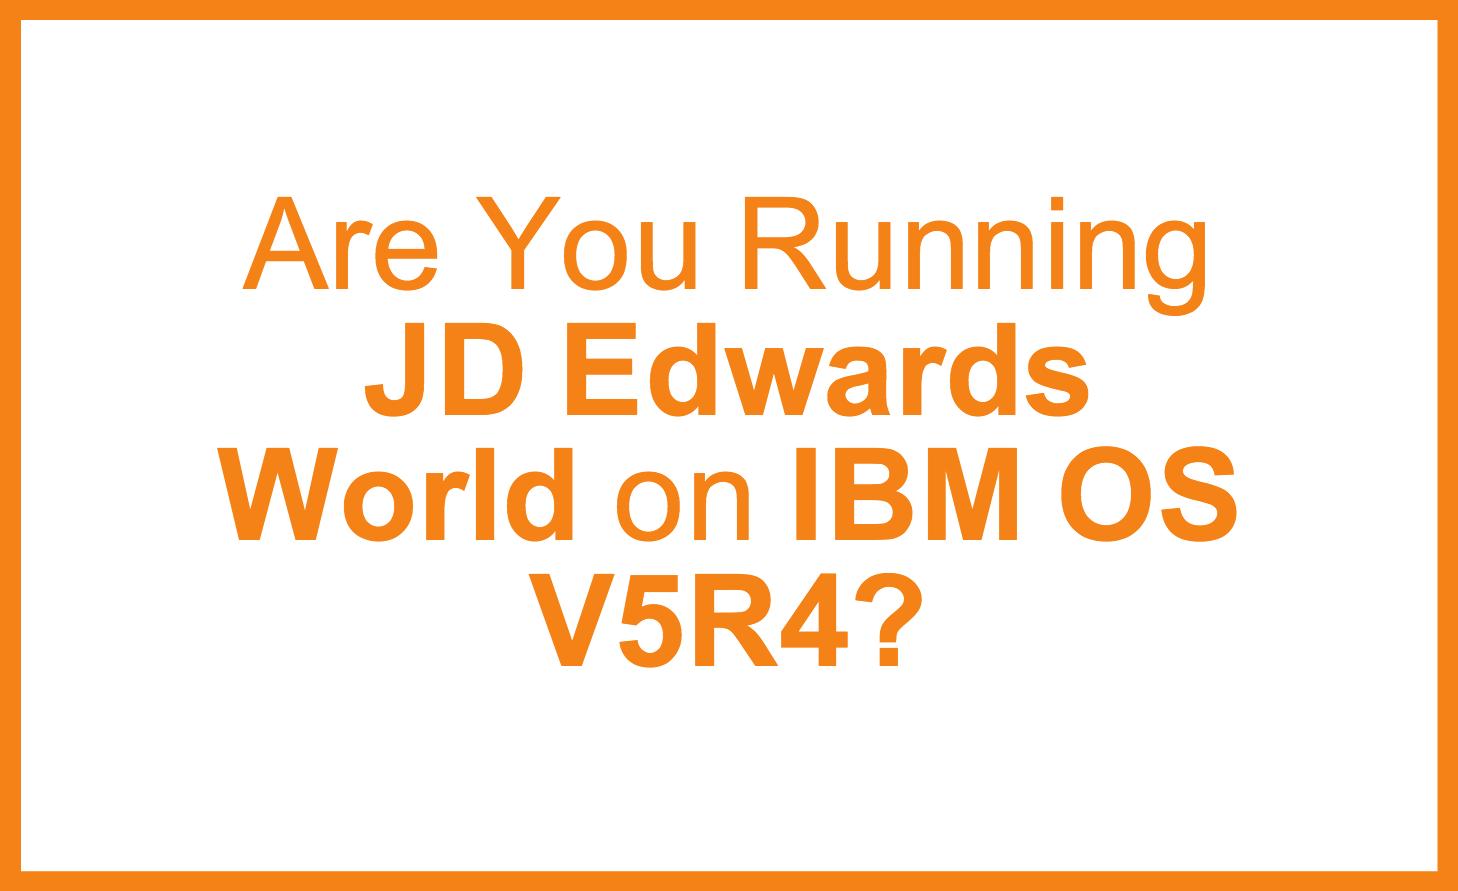 JDE_World_on_IBM_V5R4